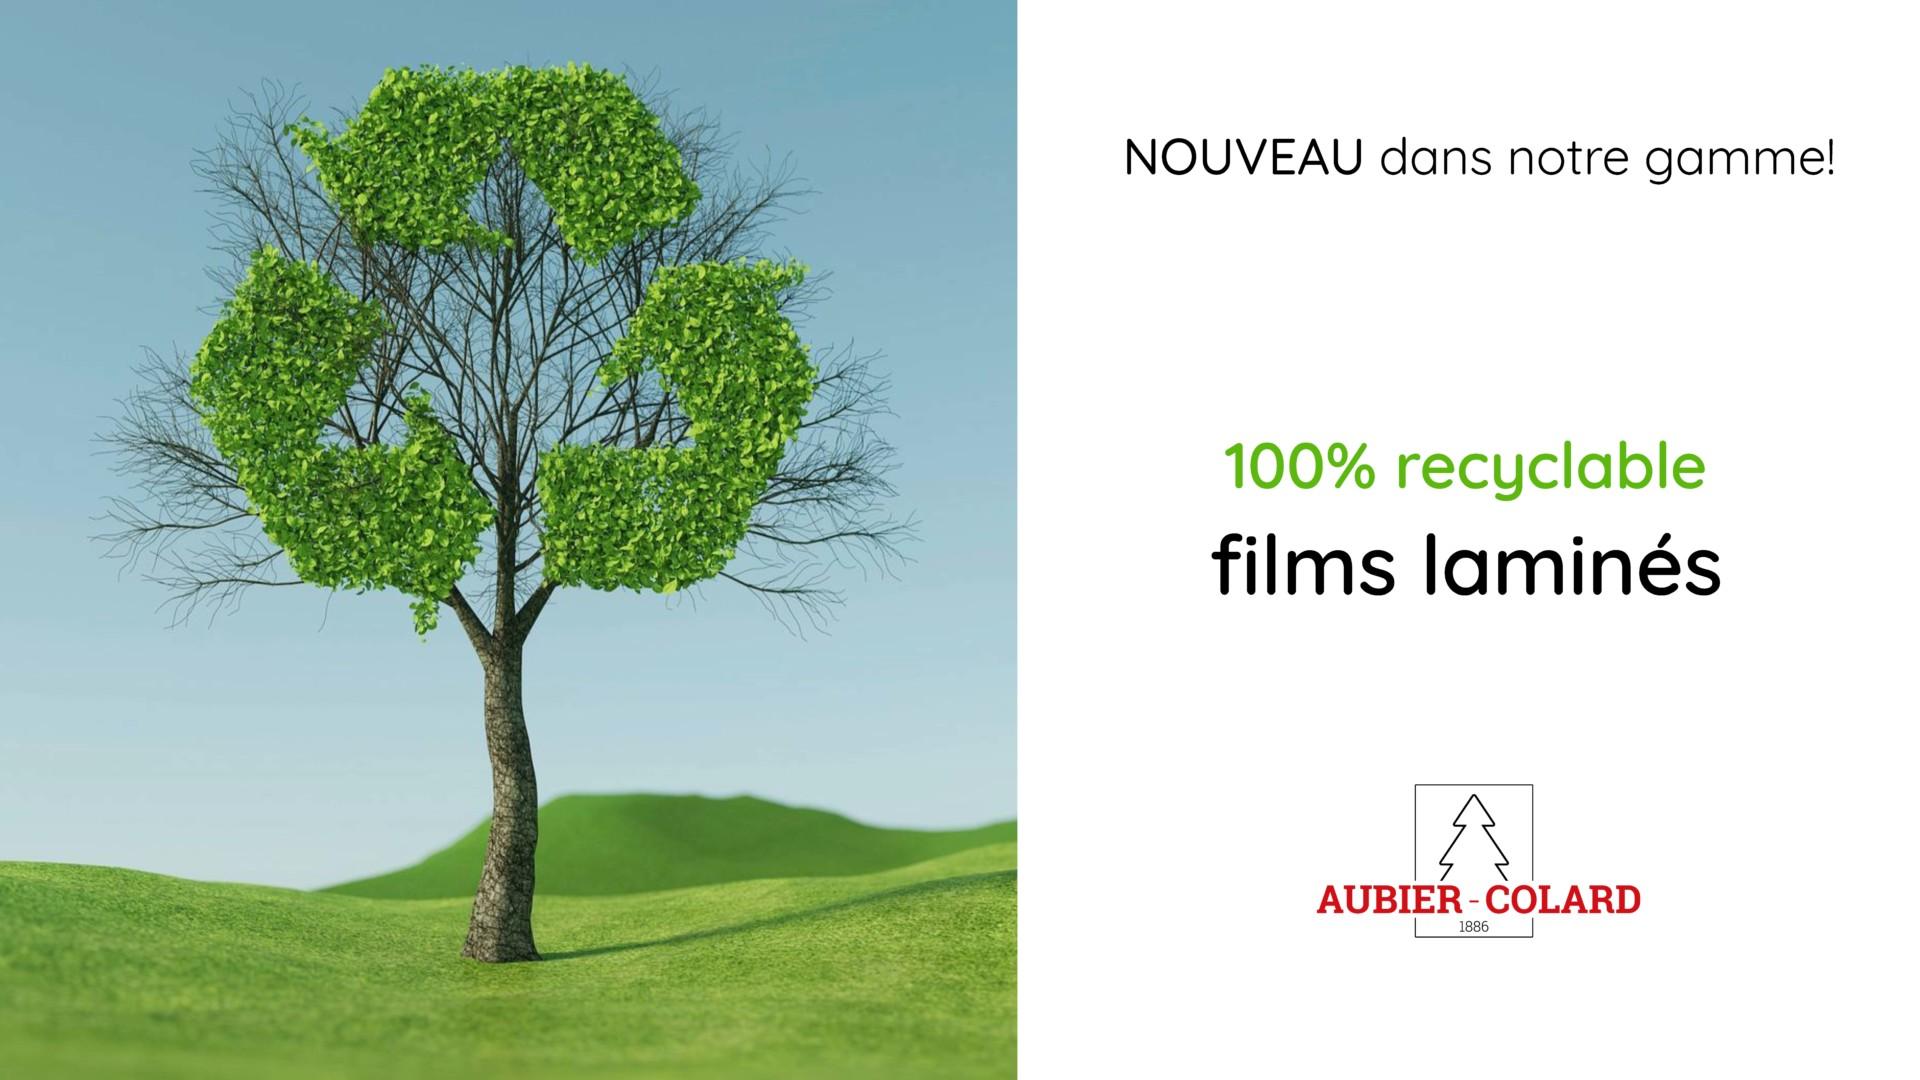 100% Recyclabe films laminés